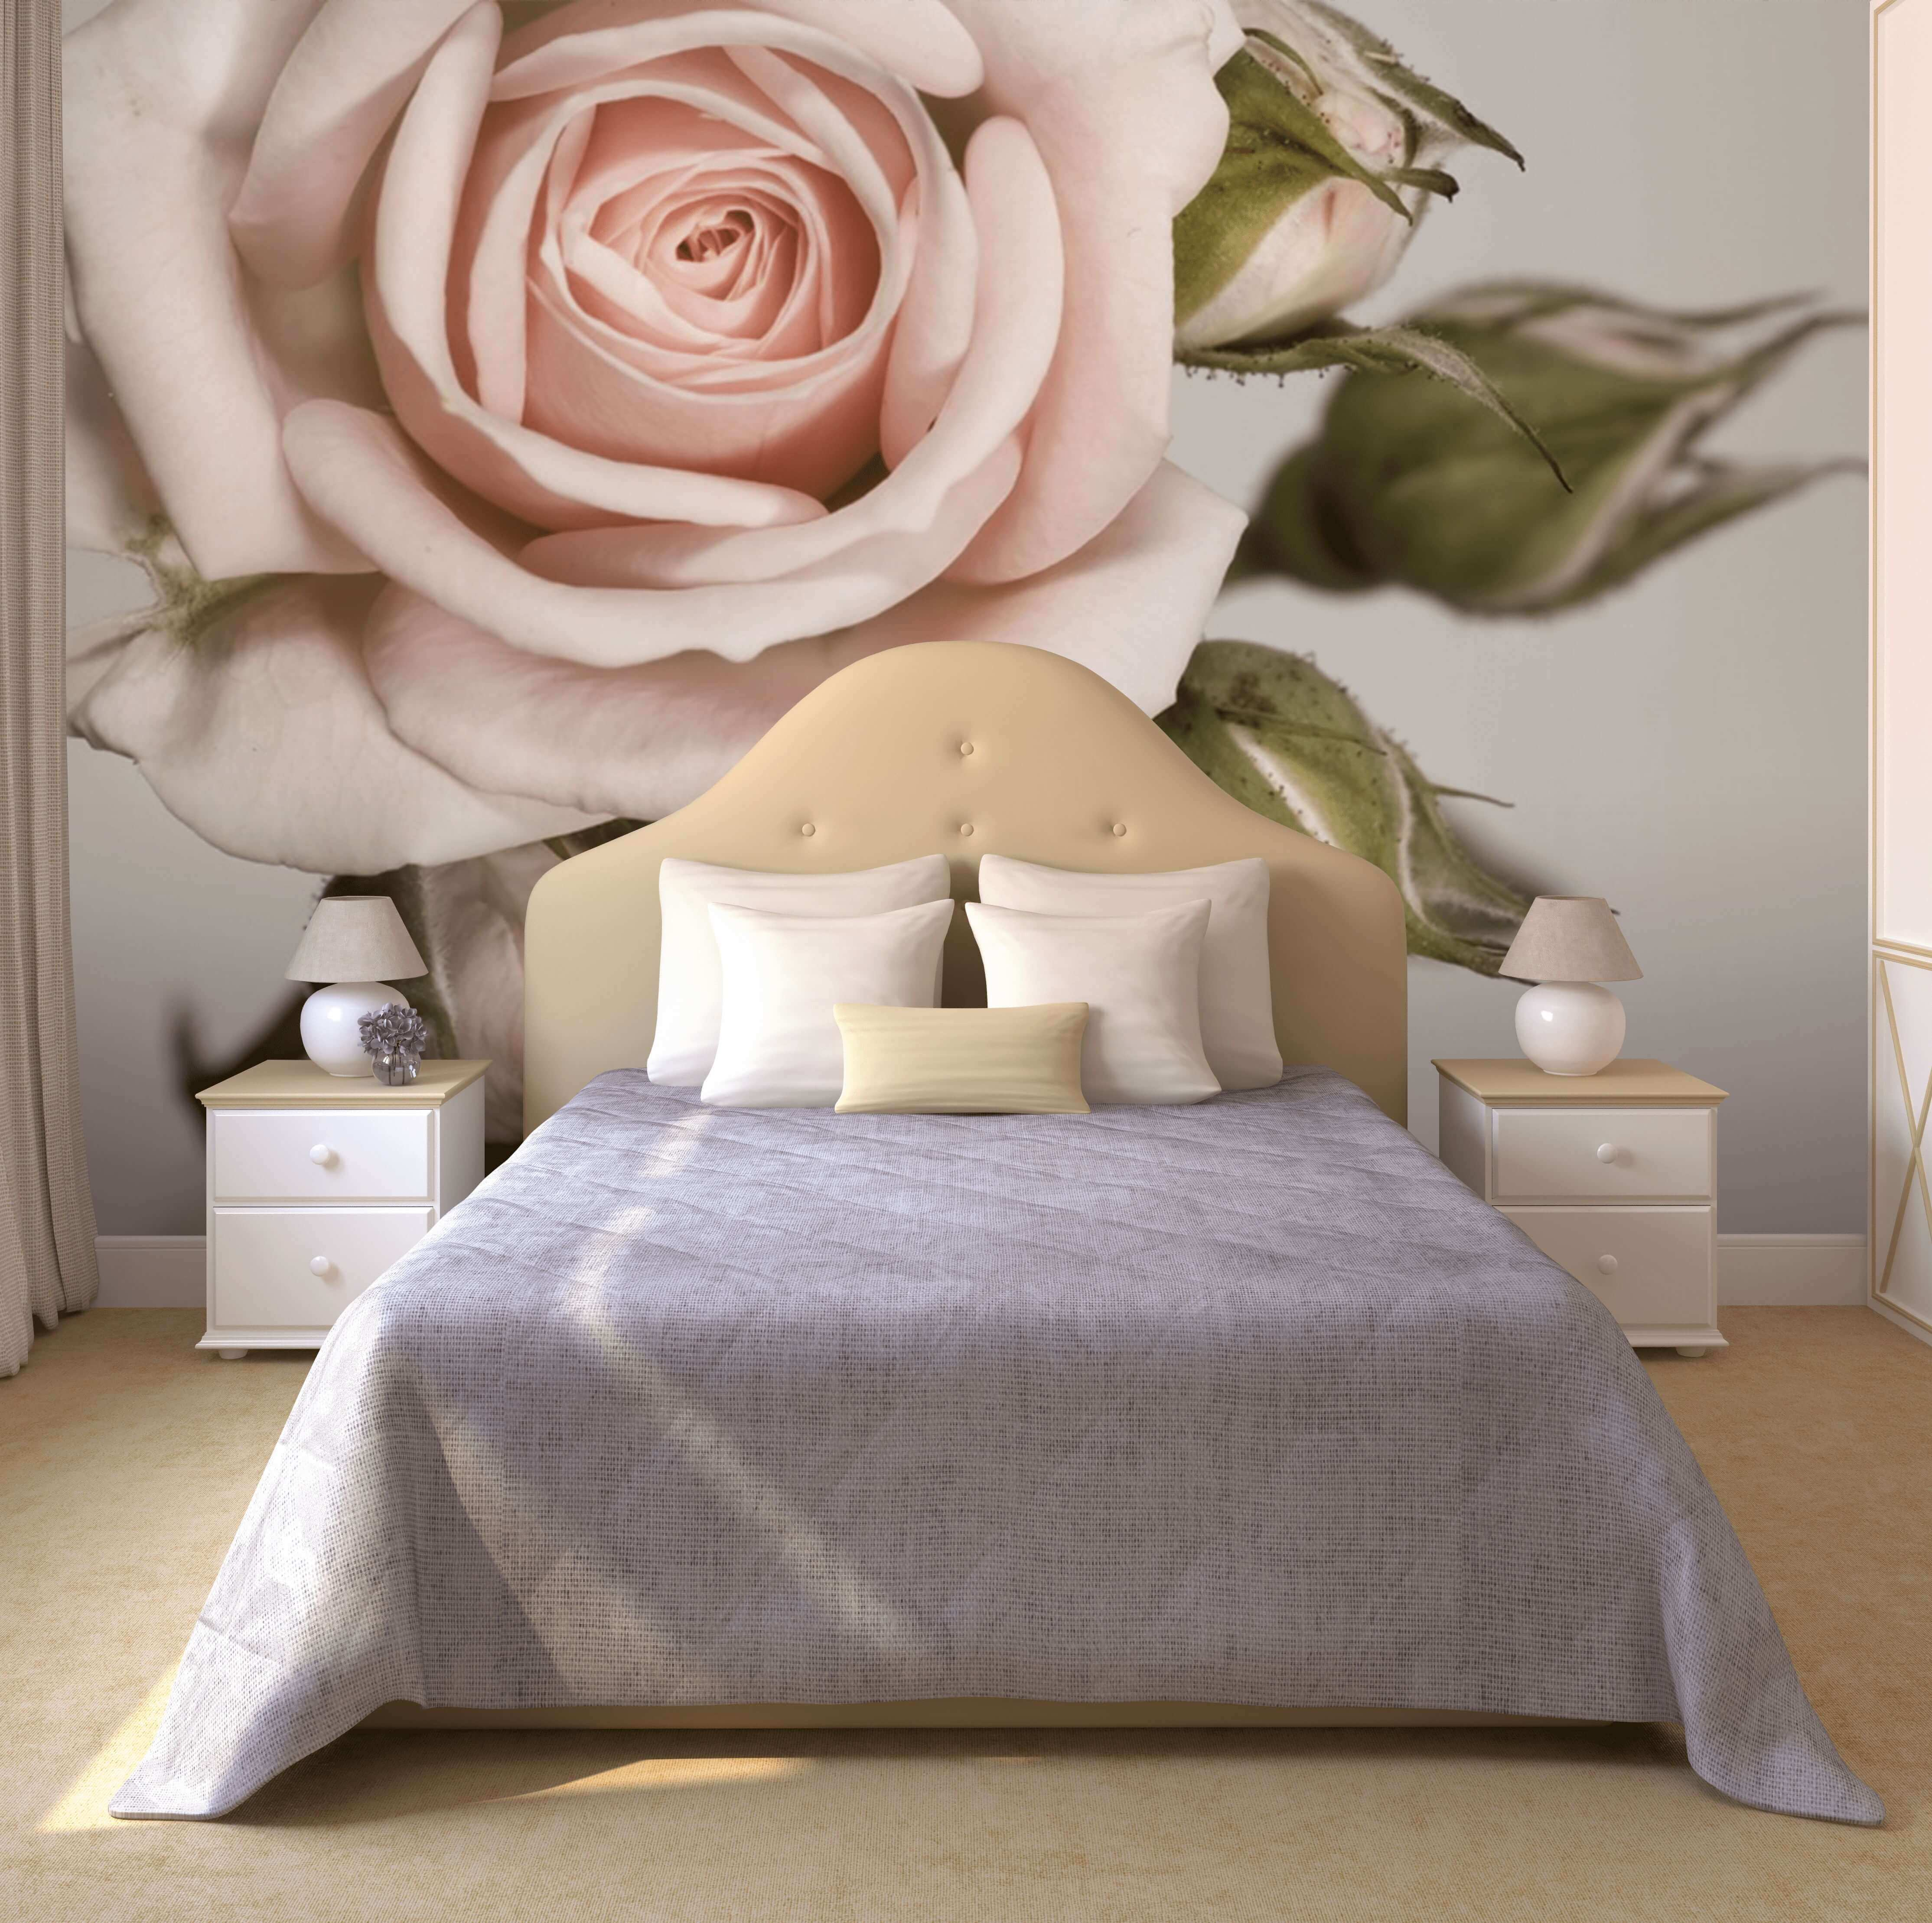 фотообои над кроватью цветы этом принципе построен